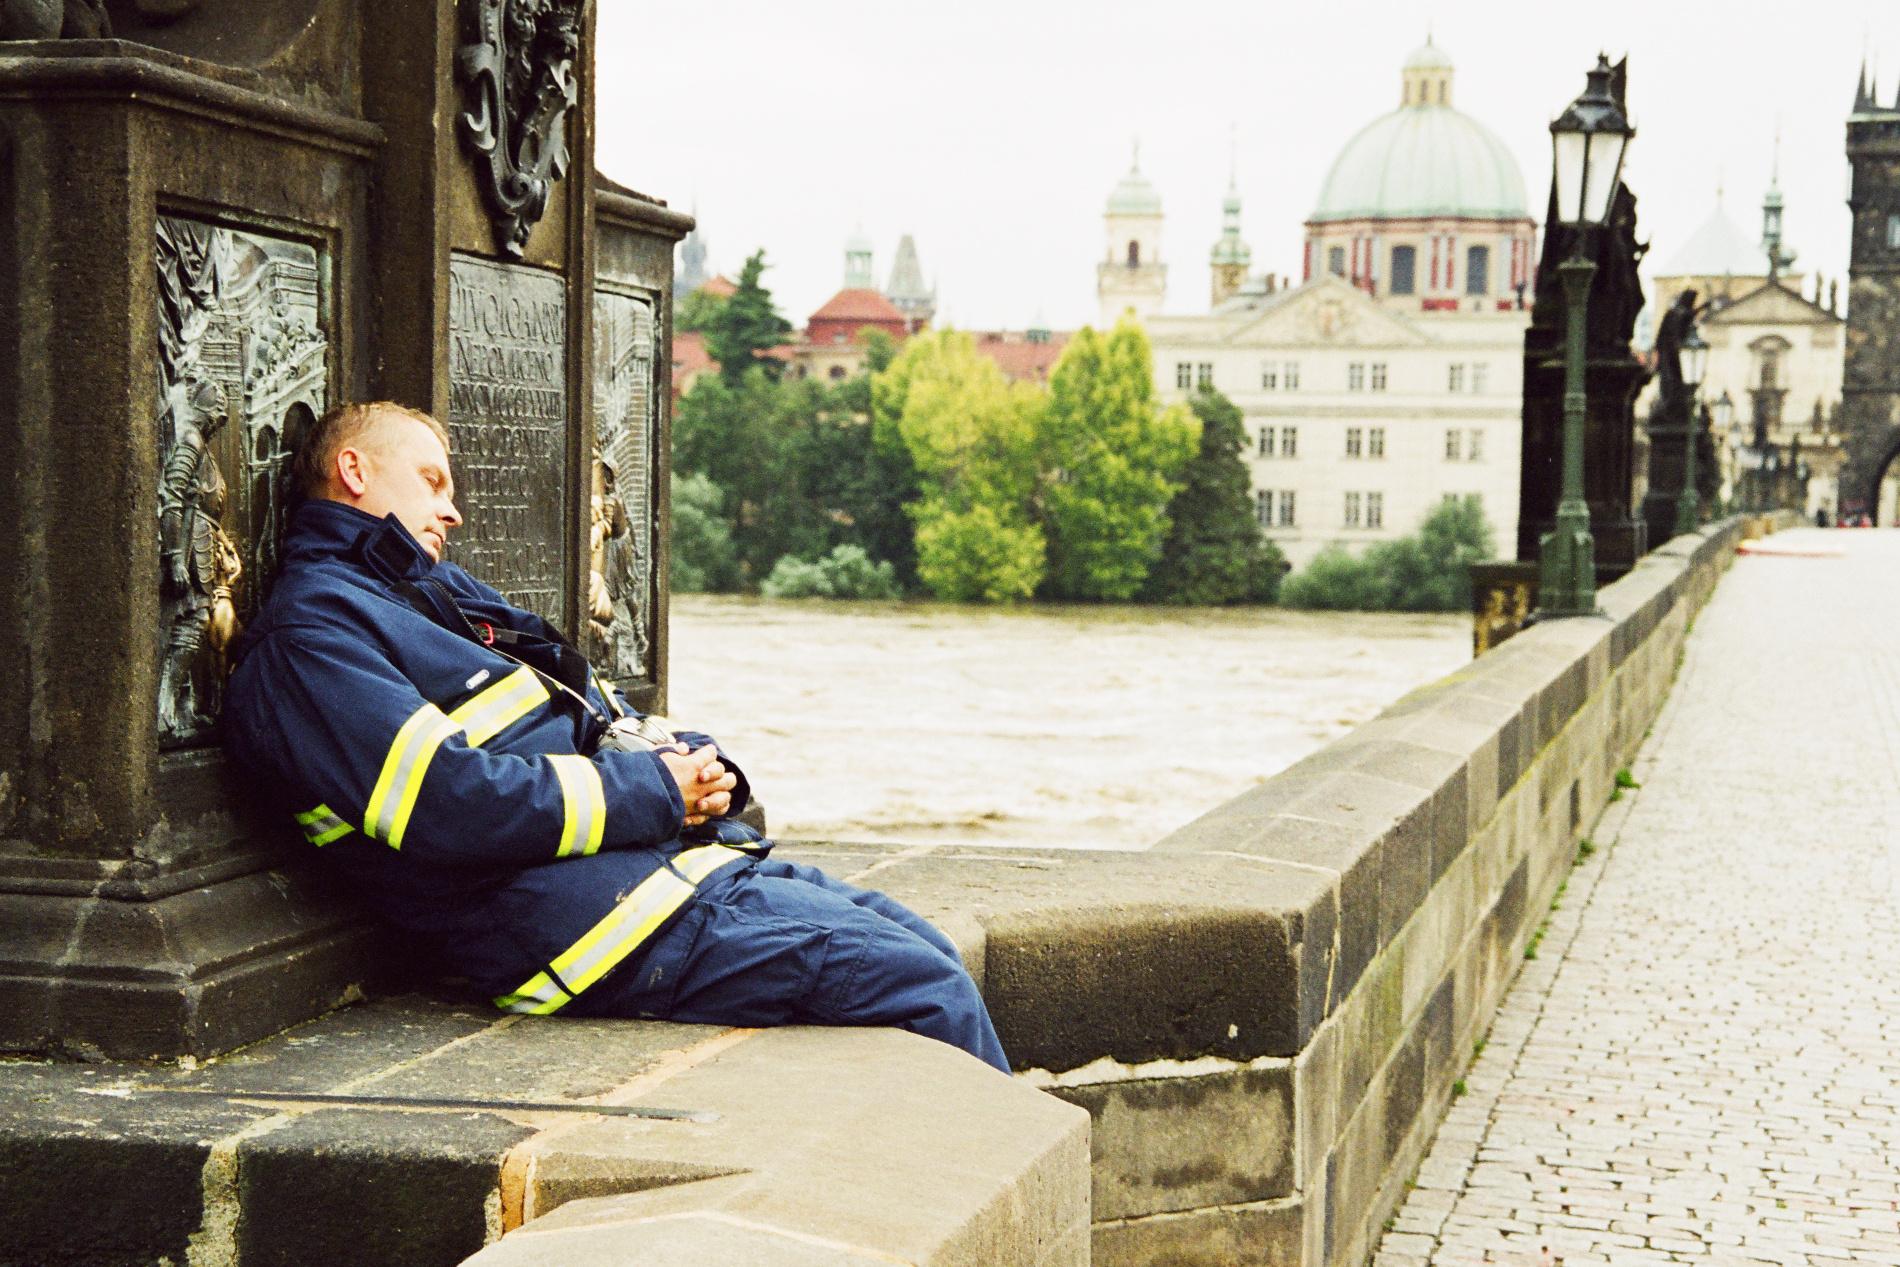 Na chvilku se udělalo docela hezky a Kráťa (Václav Kratochvíl) po 34 hodinách odsloužených na Karlově mostě usnul pod sochou, na niž si lidé sahají pro štěstí. Velel akci, která zachránila most, po němž šly naše dějiny i stamiliony turistů. Vltava předtím unášela chaty, lodě, patnáct metrů vysoké silo, ale i pětitunový zásobník na propan-butan. Ještě s jedním mužem z Povodí Vltavy Kráťu napadlo povolat bagr s dlouhým ramenem. Co šlo, rozbíjeli na menší kusy ještě před nárazem do pilířů, nebo to alespoň nasměrovali mezi mostní oblouky. - (Foto: Jaromír Chalabala)